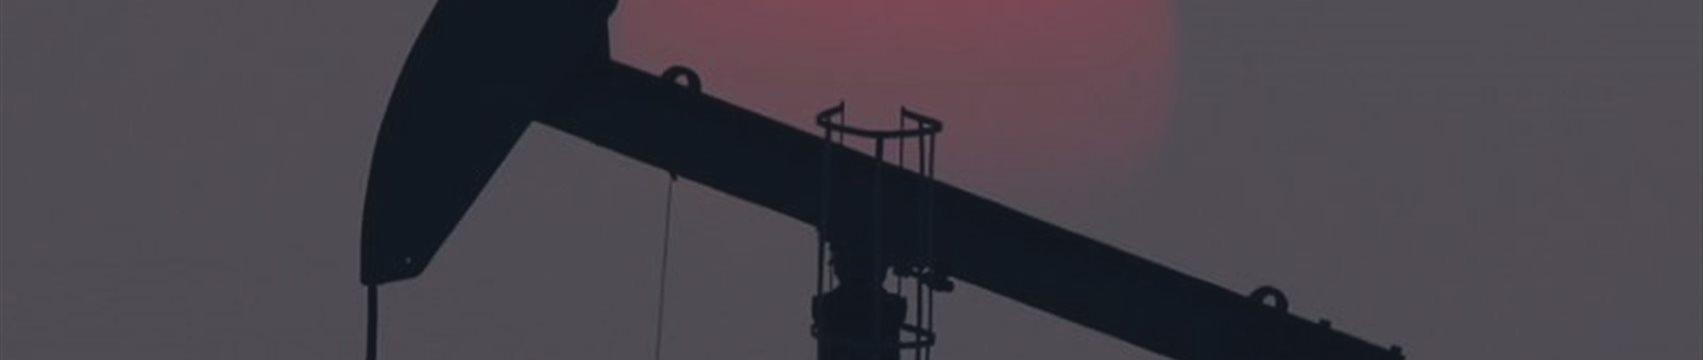 Нефтяной рынок за неделю: Тренд один - падение капвложений